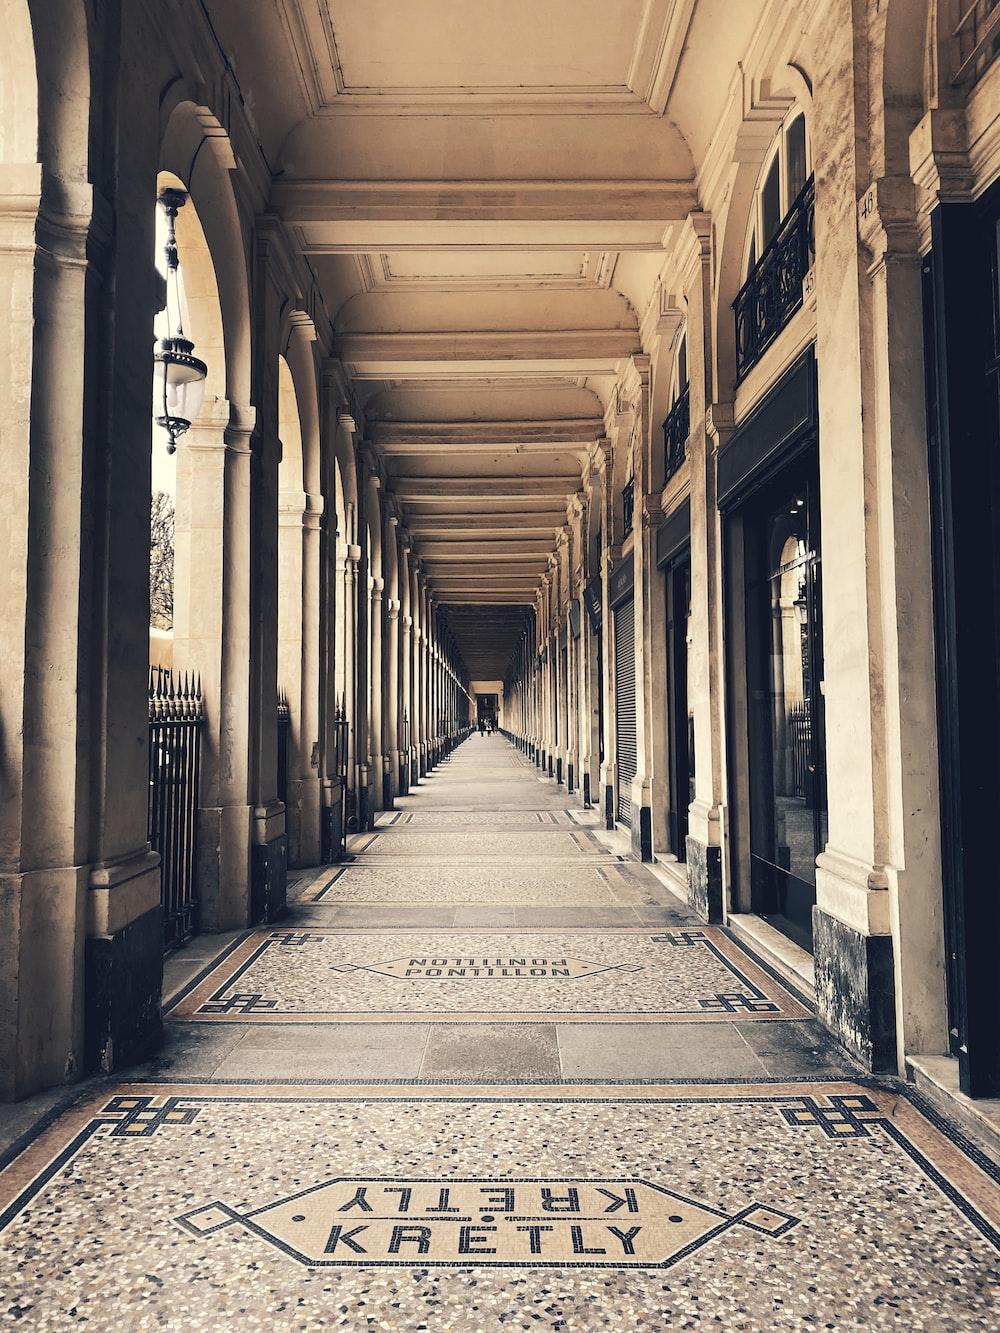 empty hallway between columns